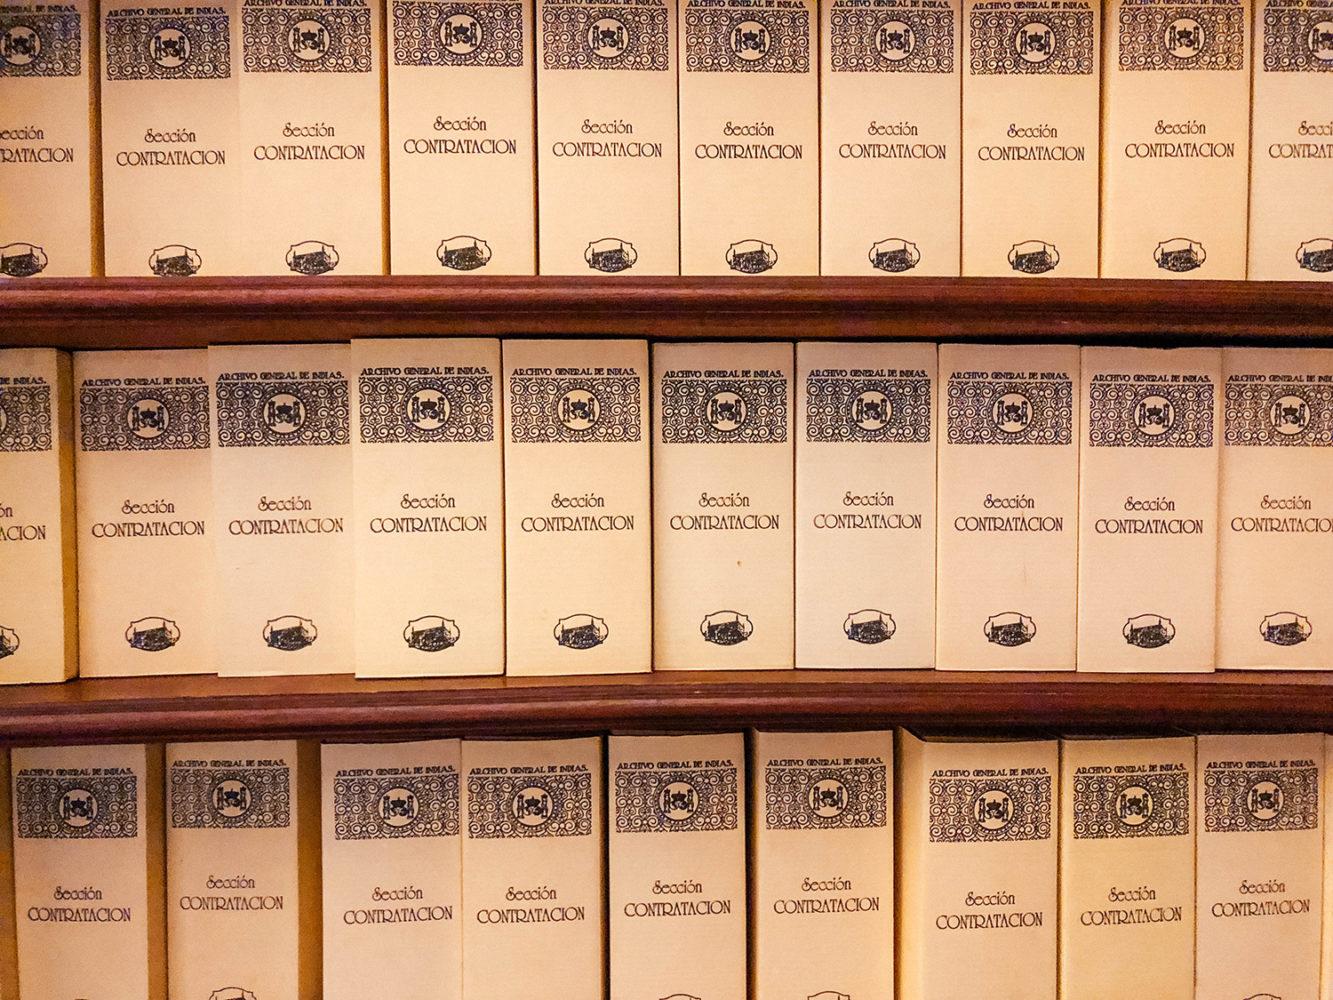 Des dossiers d'archives à perte de vue